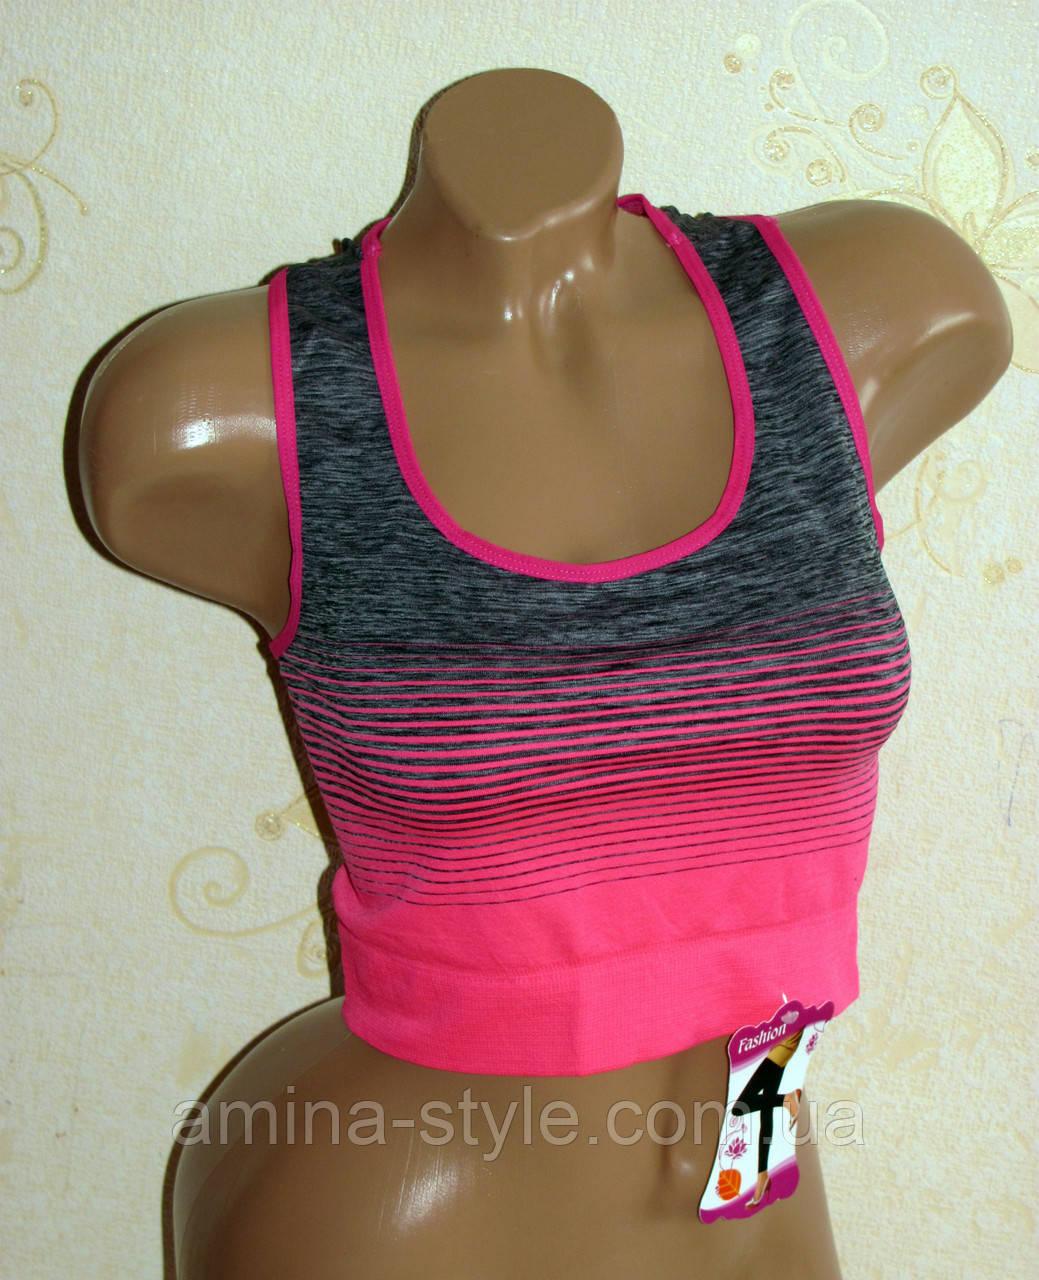 Топ спортивный женский, одежда для фитнеса, 42-48 размер